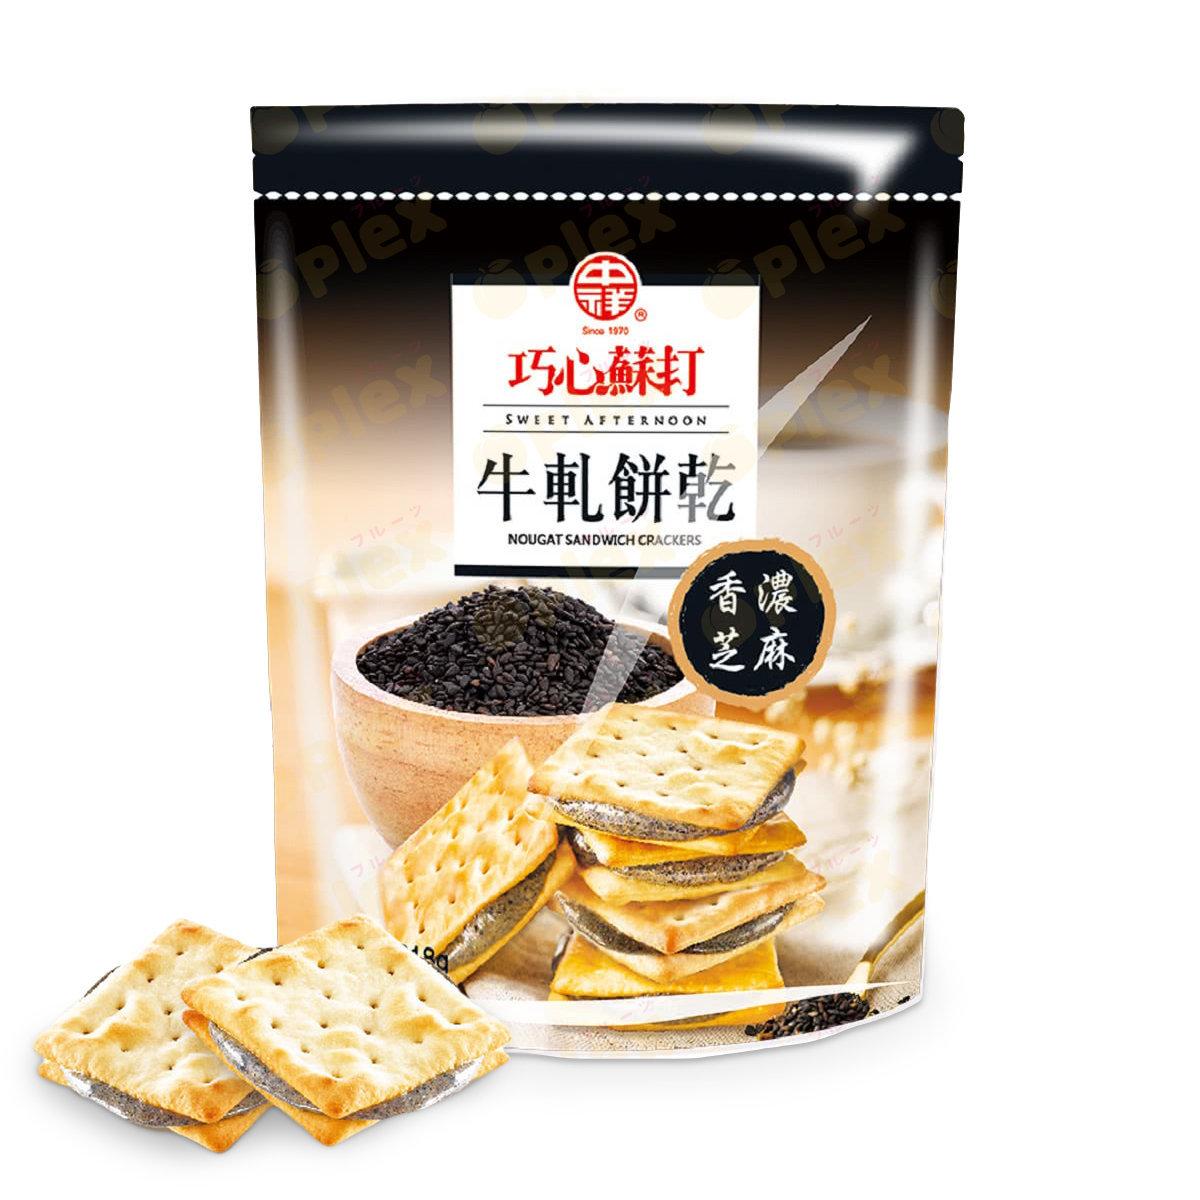 巧心蘇打 - 芝麻牛軋餅乾 10小包 (145g)